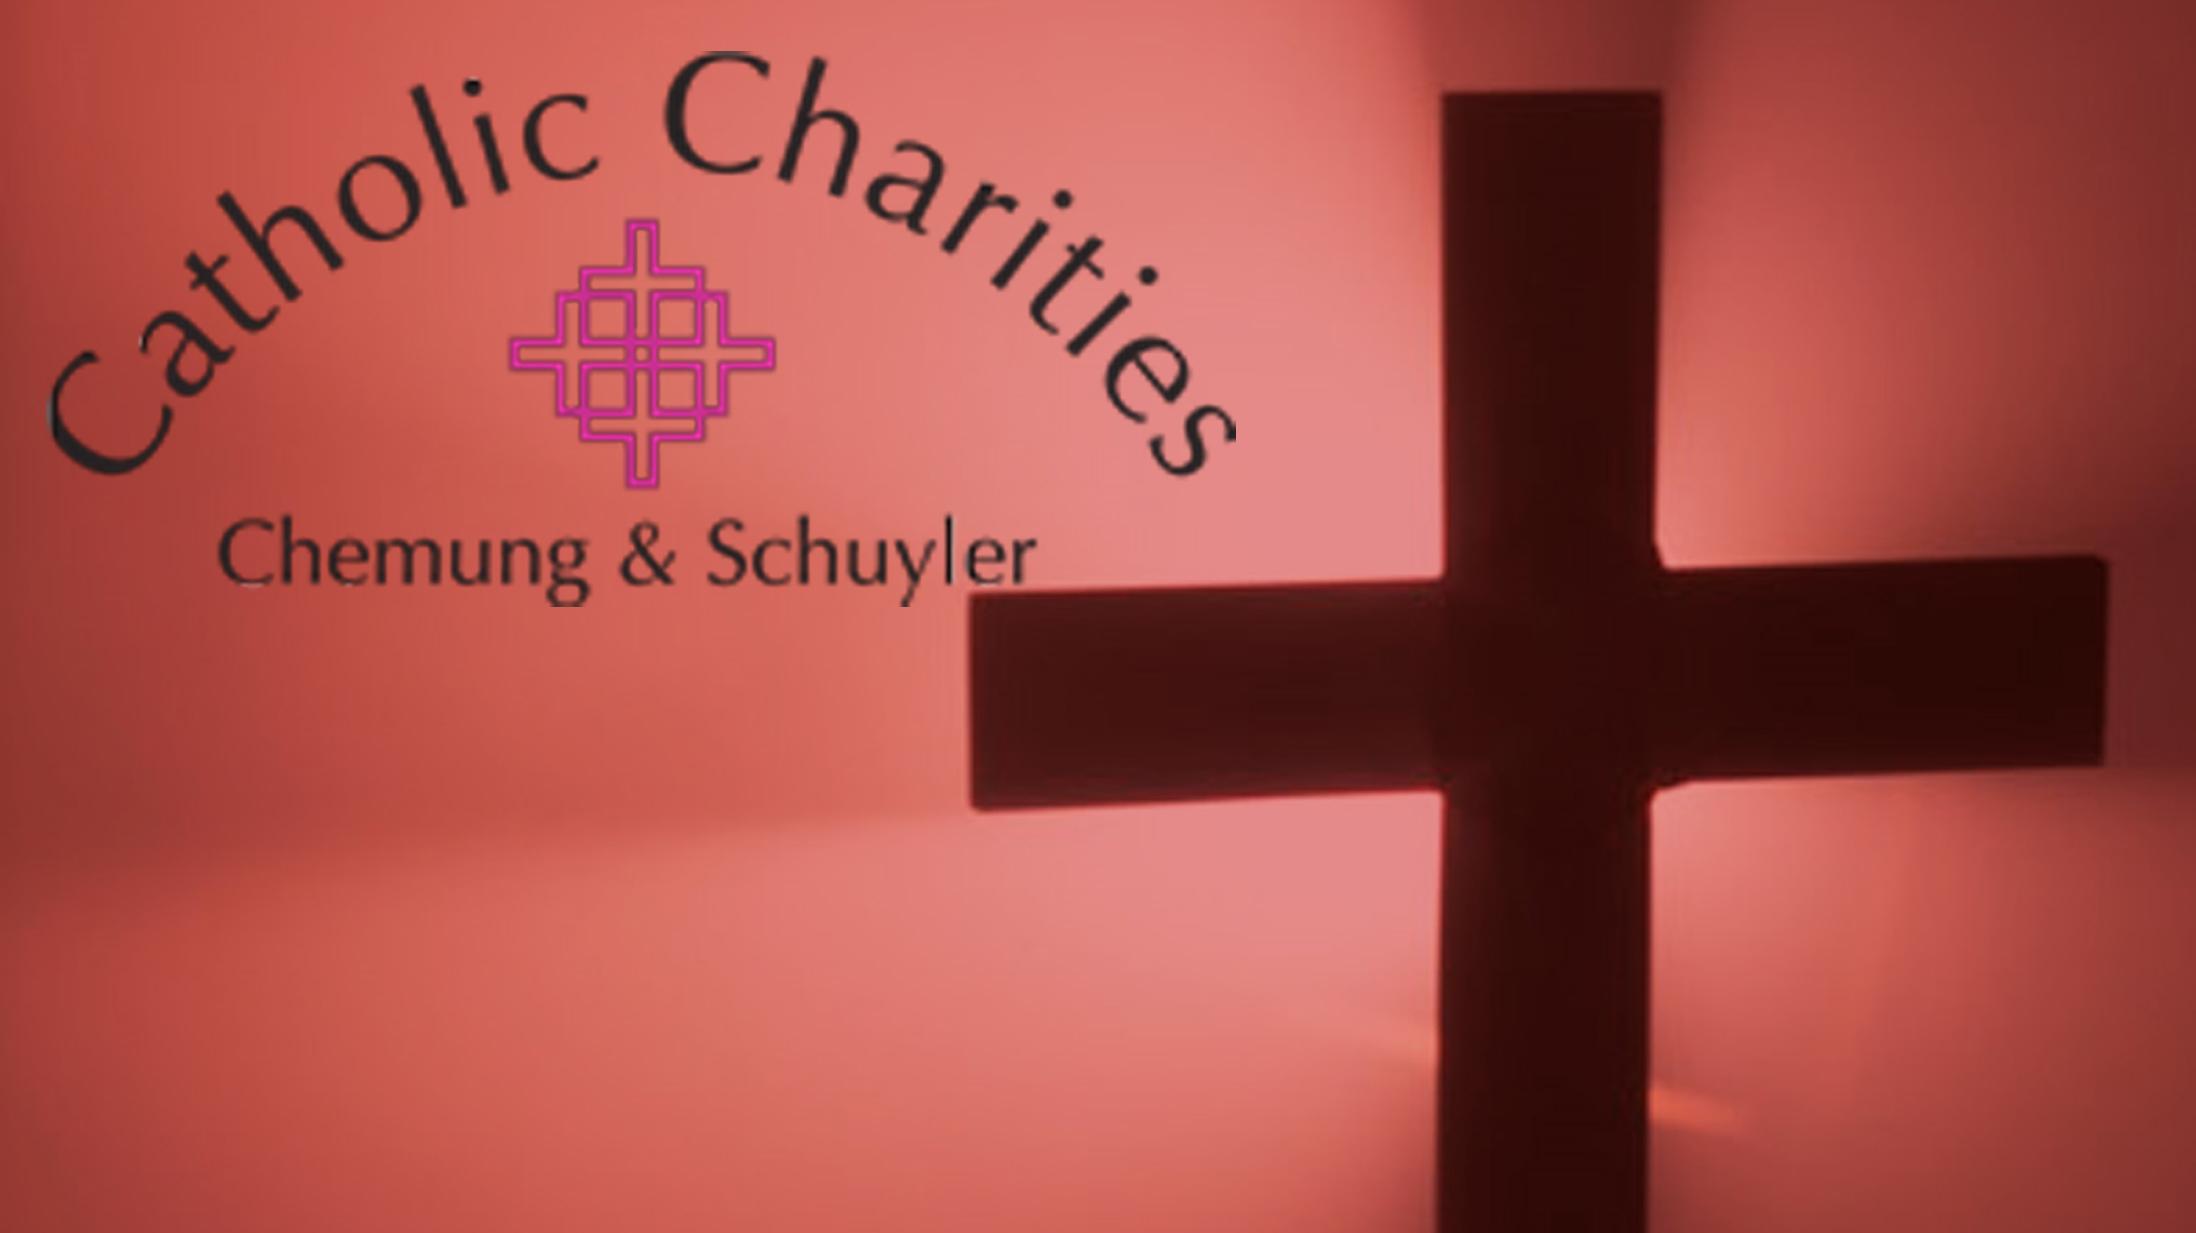 Catholic Charities 09302015_1475202226210.jpg